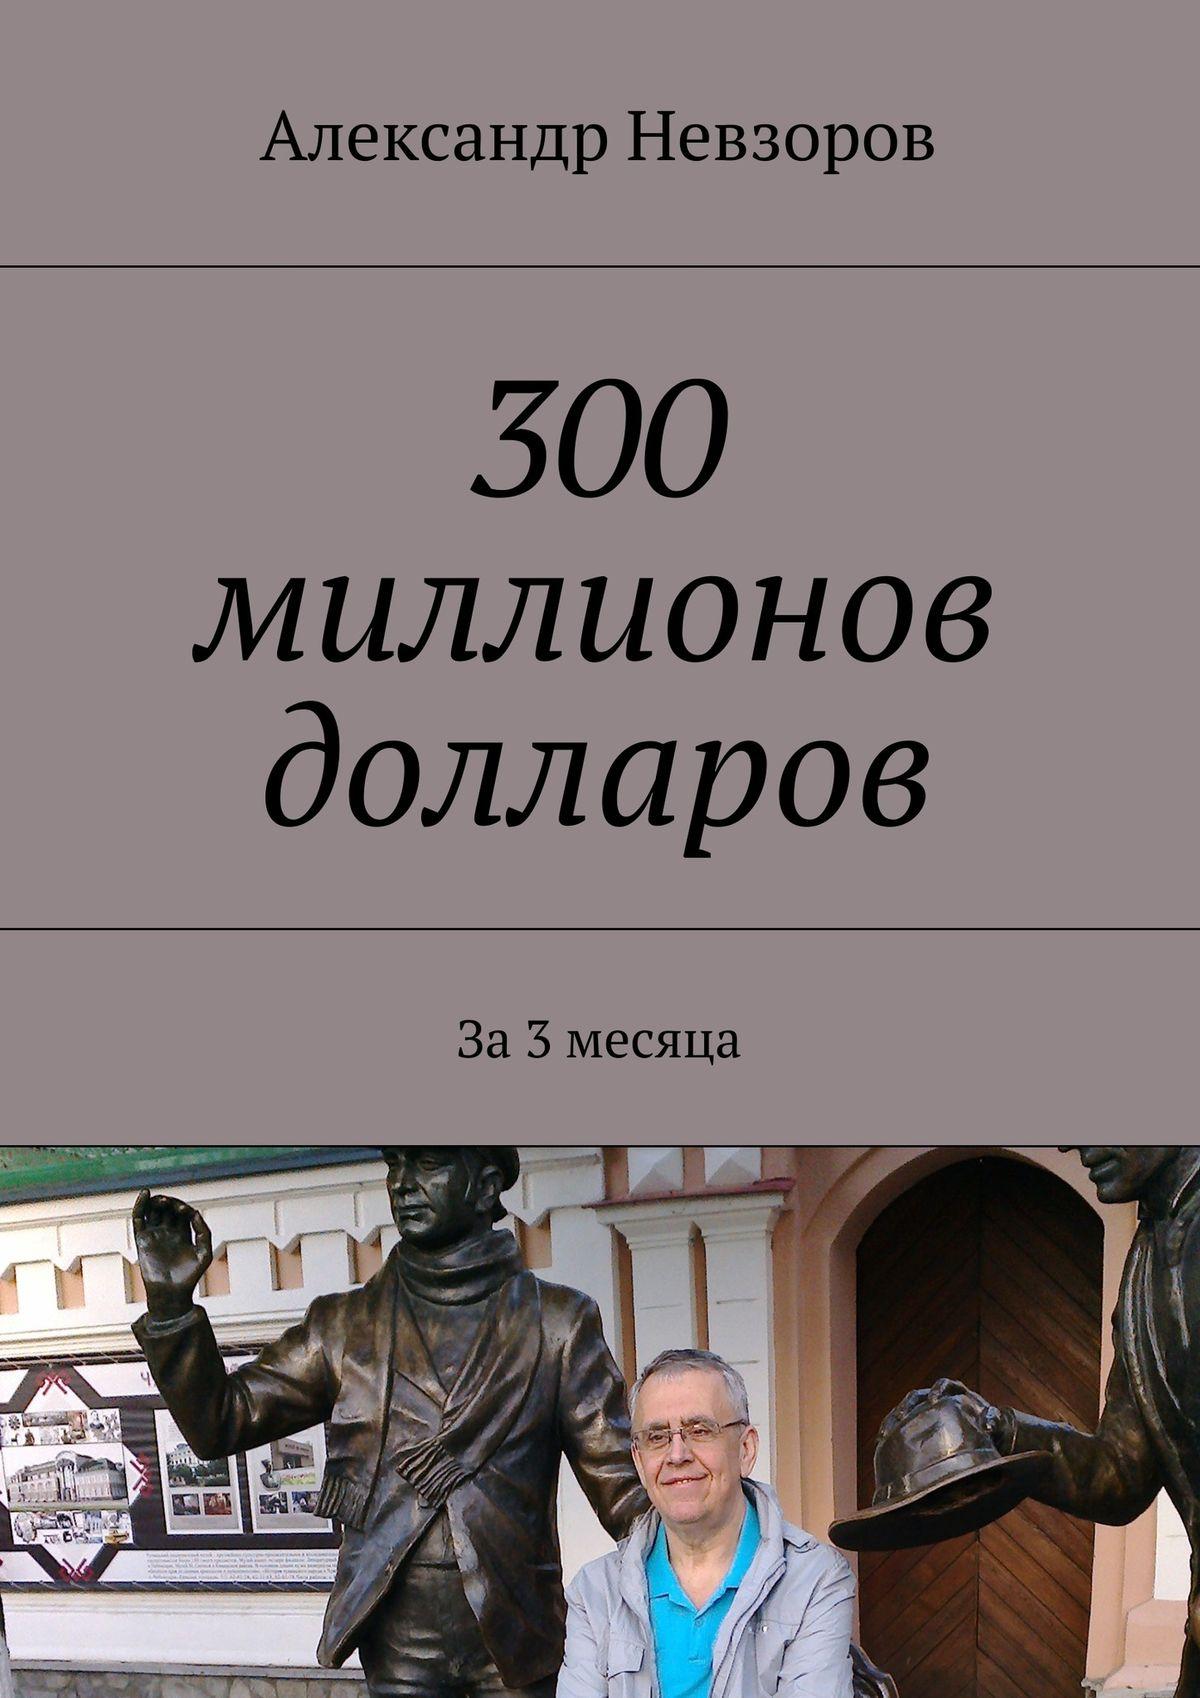 Александр Невзоров 300 миллионов долларов. За 3 месяца александр невзоров $ 300million part 3 faith